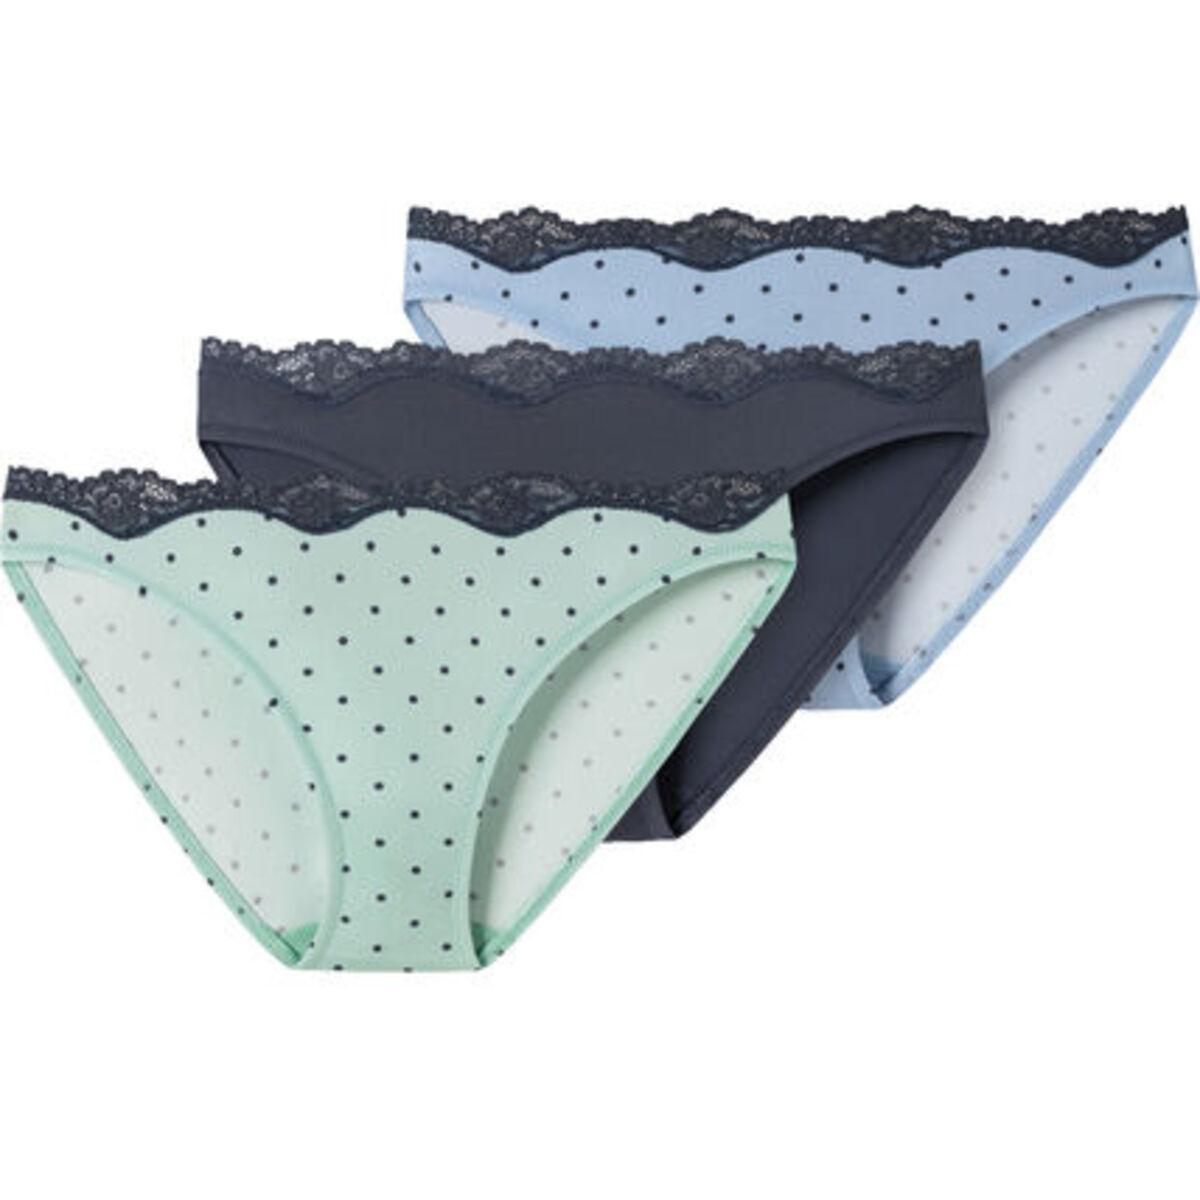 Bild 1 von Schiesser Slips, Mini, 3er-Pack, für Damen